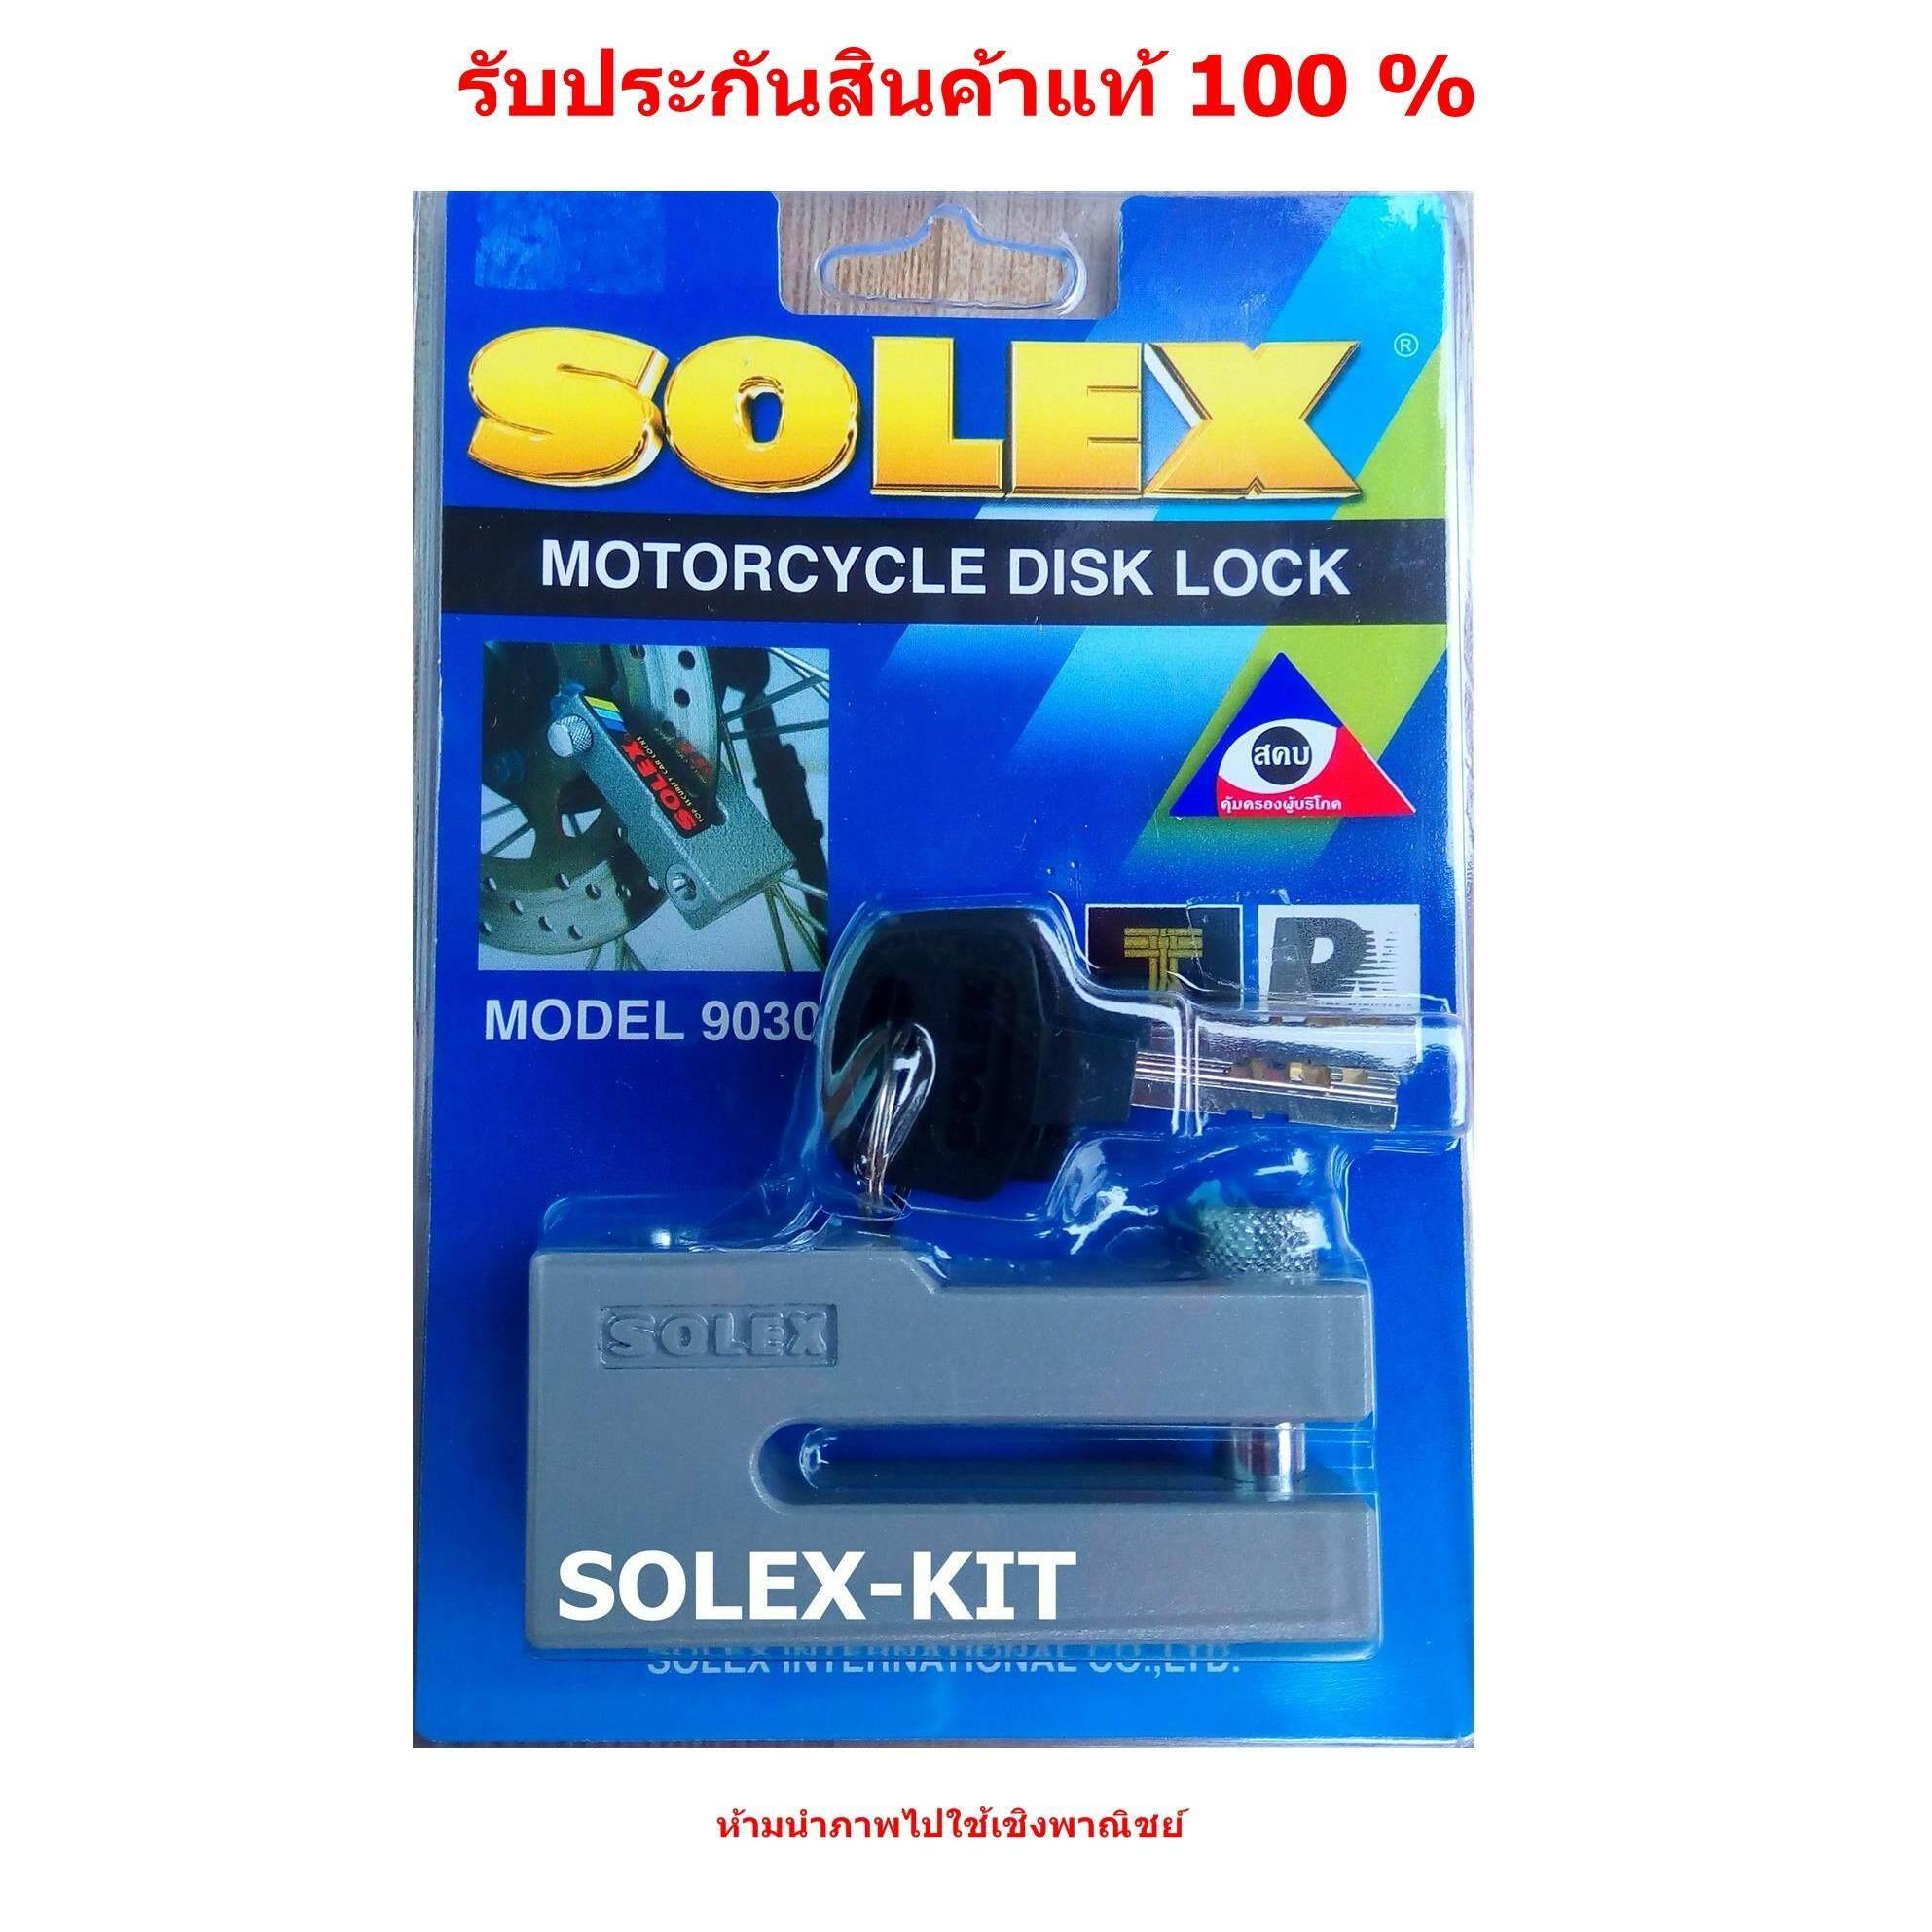 ราคา Solex ล็อคดิสเบรค รถจักรยานยนต์ รุ่น 9030 เป็นต้นฉบับ